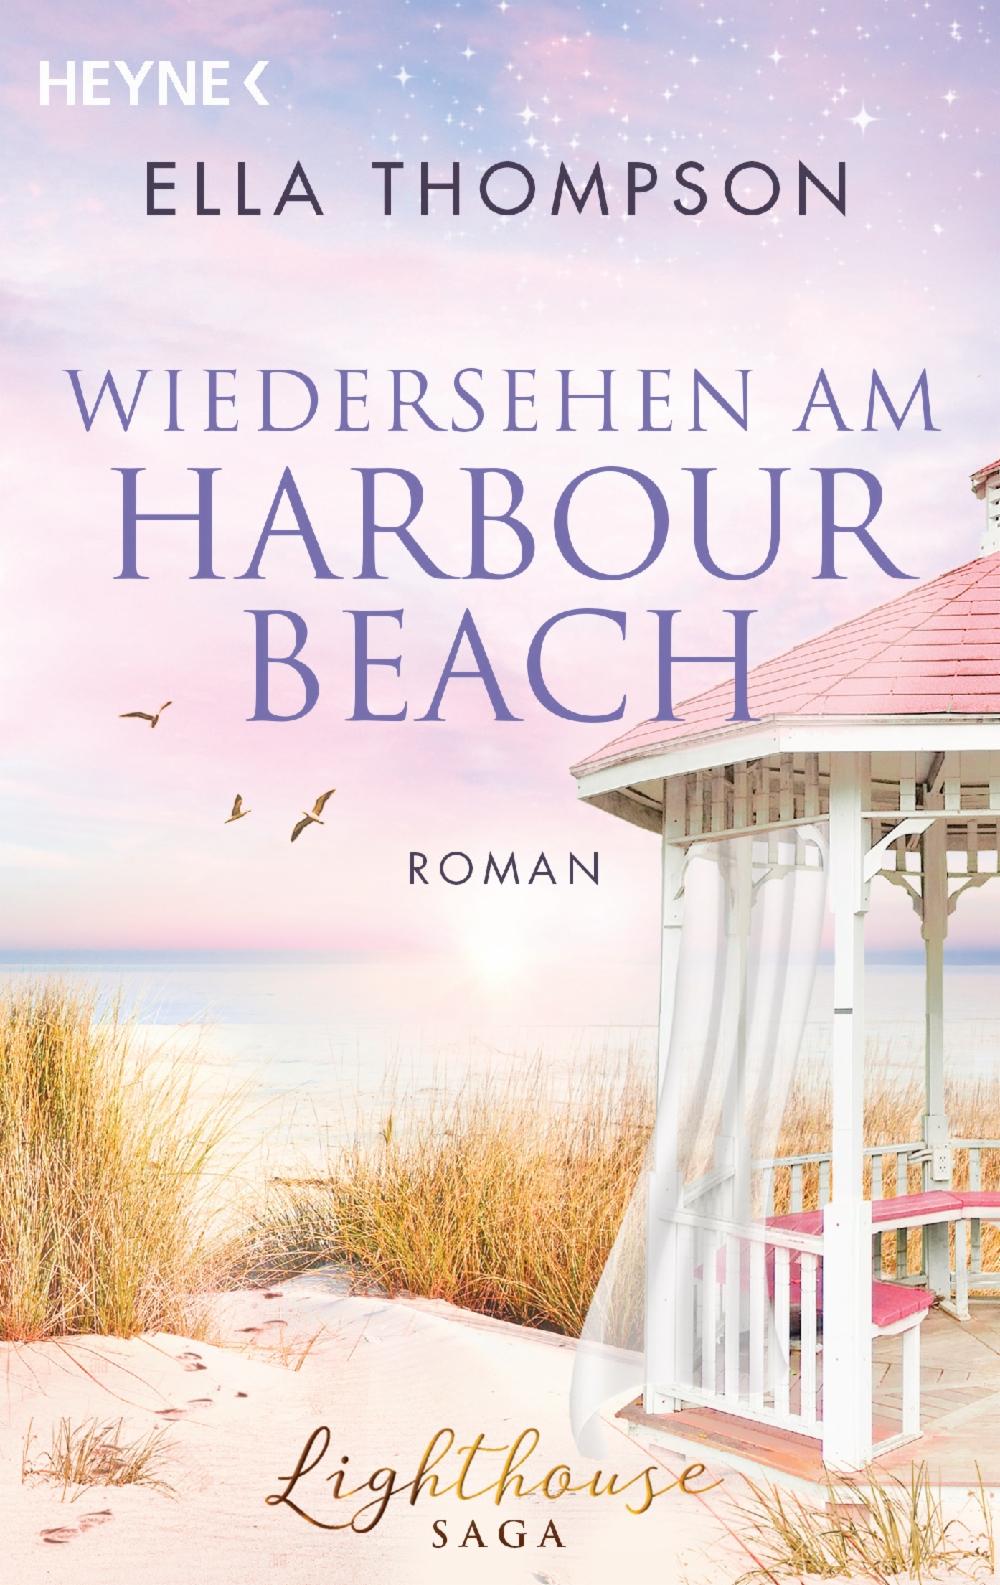 Ella Thompson - Lighthouse Saga Bd. 03 - Wiedersehen am Harbor Beach - Heyne > Link führt zu Werbezwecken zur Verlagsseite - Bild ist der Verlagsseite entliehen <